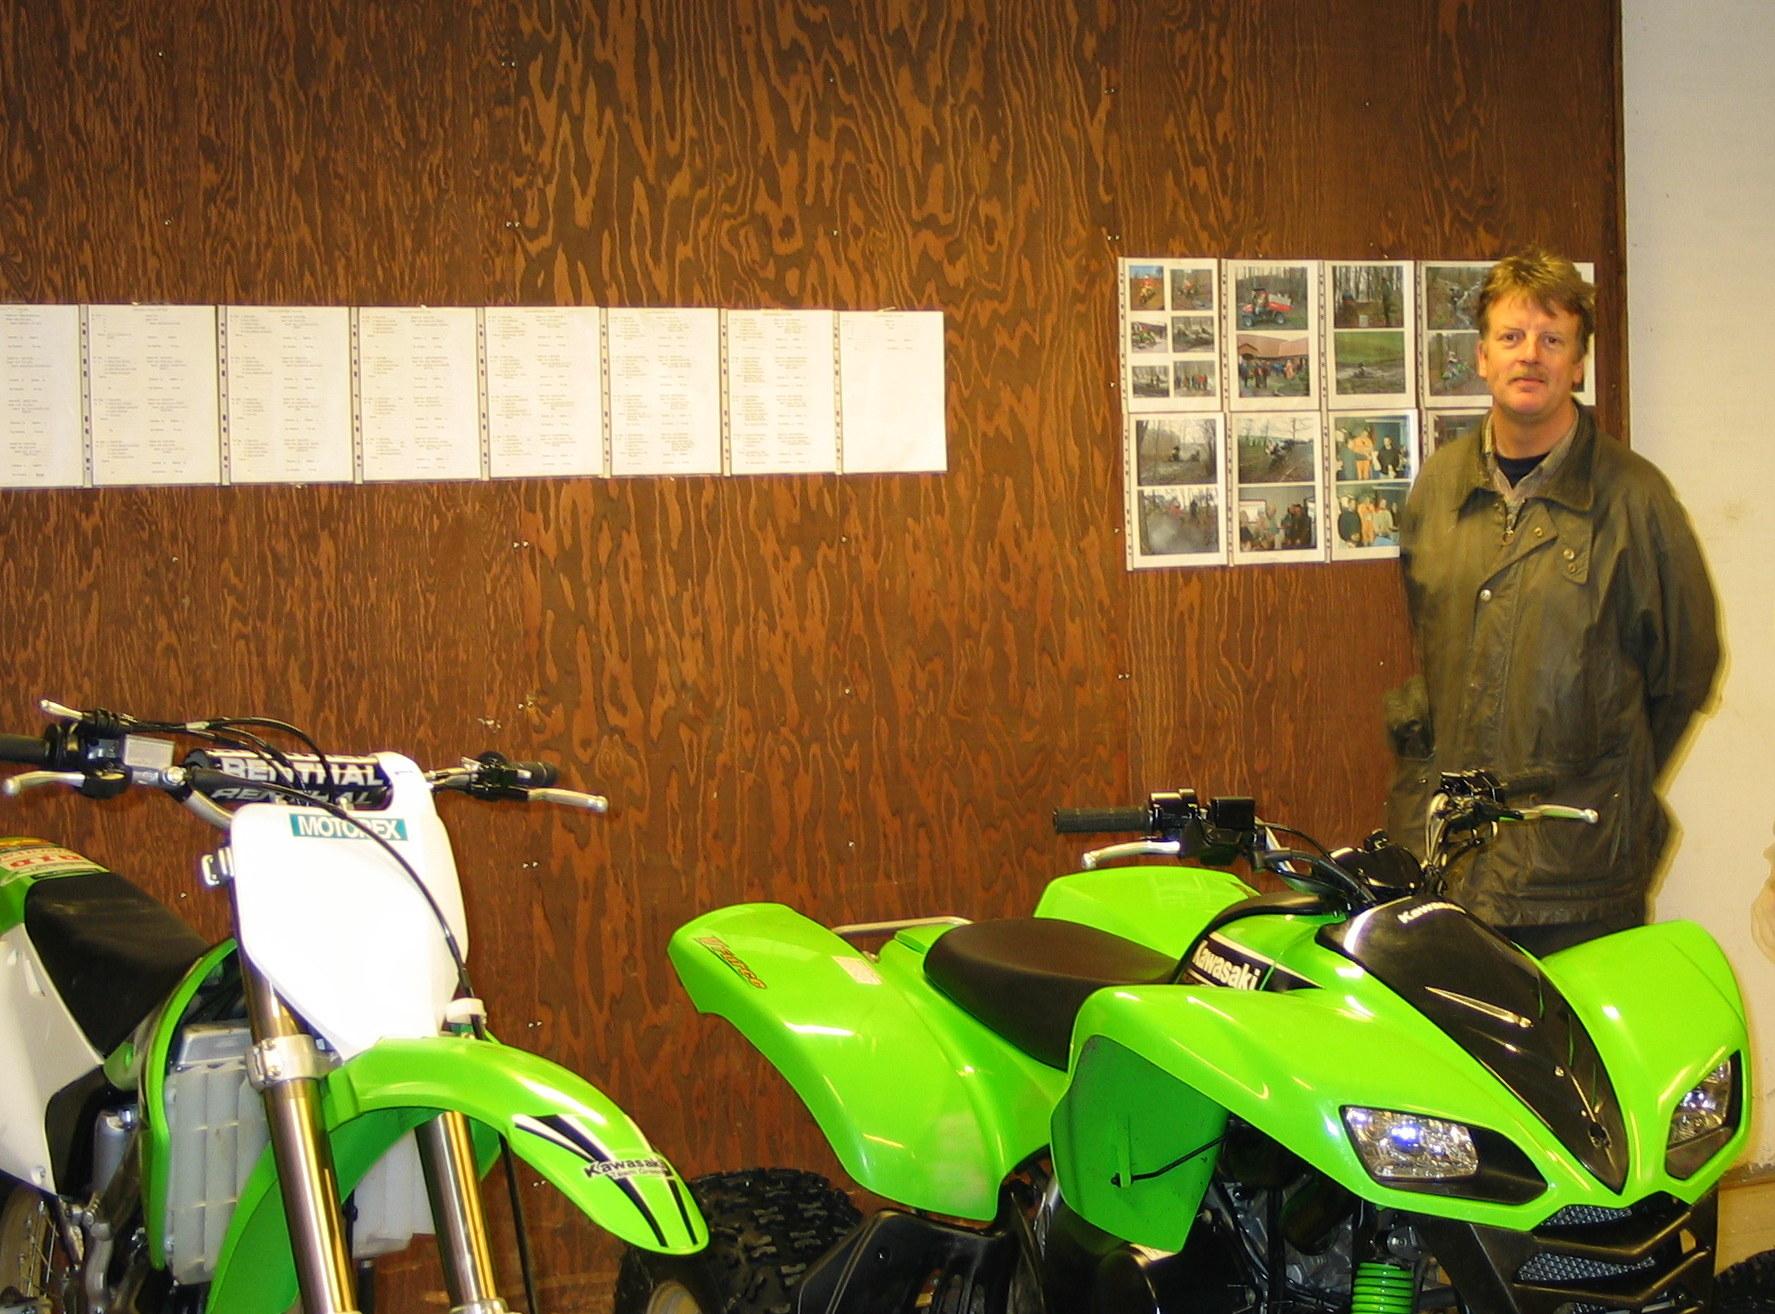 Raymond og Finn Thomsen skal selvfølgelig køre Kawasaki. Bemærk tidligere års resultater og billeder, som Jens Jørgen har ophængt på porten.